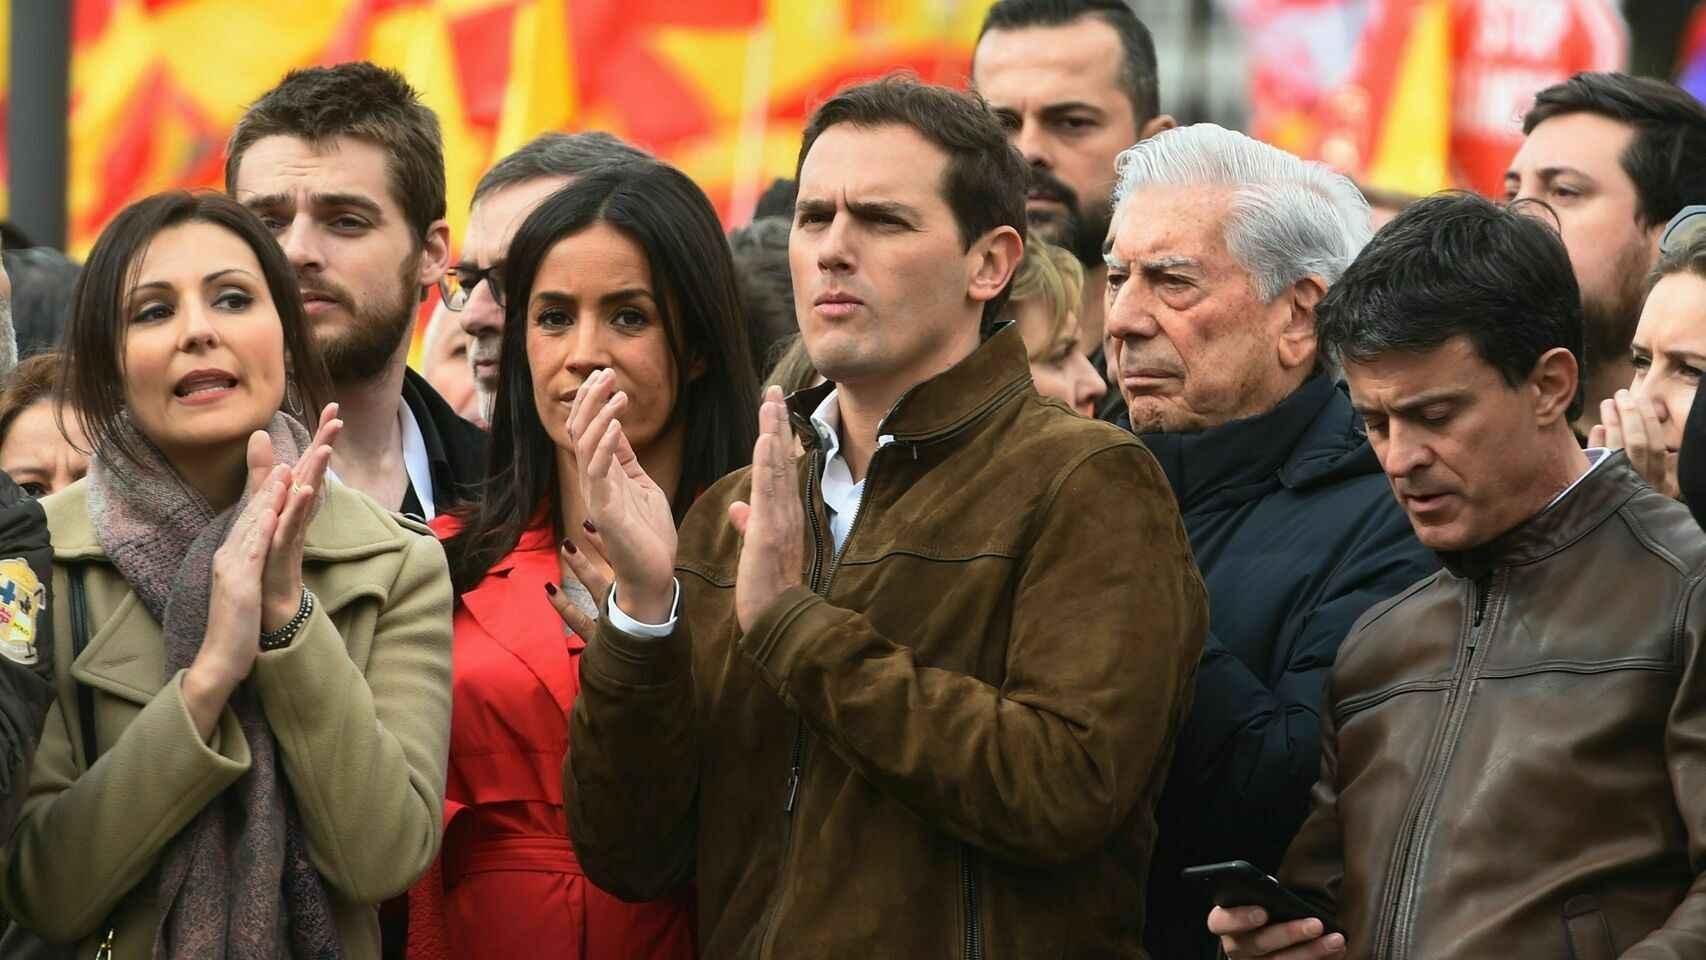 De izquierda a derecha: Begoña Villacís, Albert Rivera, Mario Vargas Llosa y Manuel Valls.